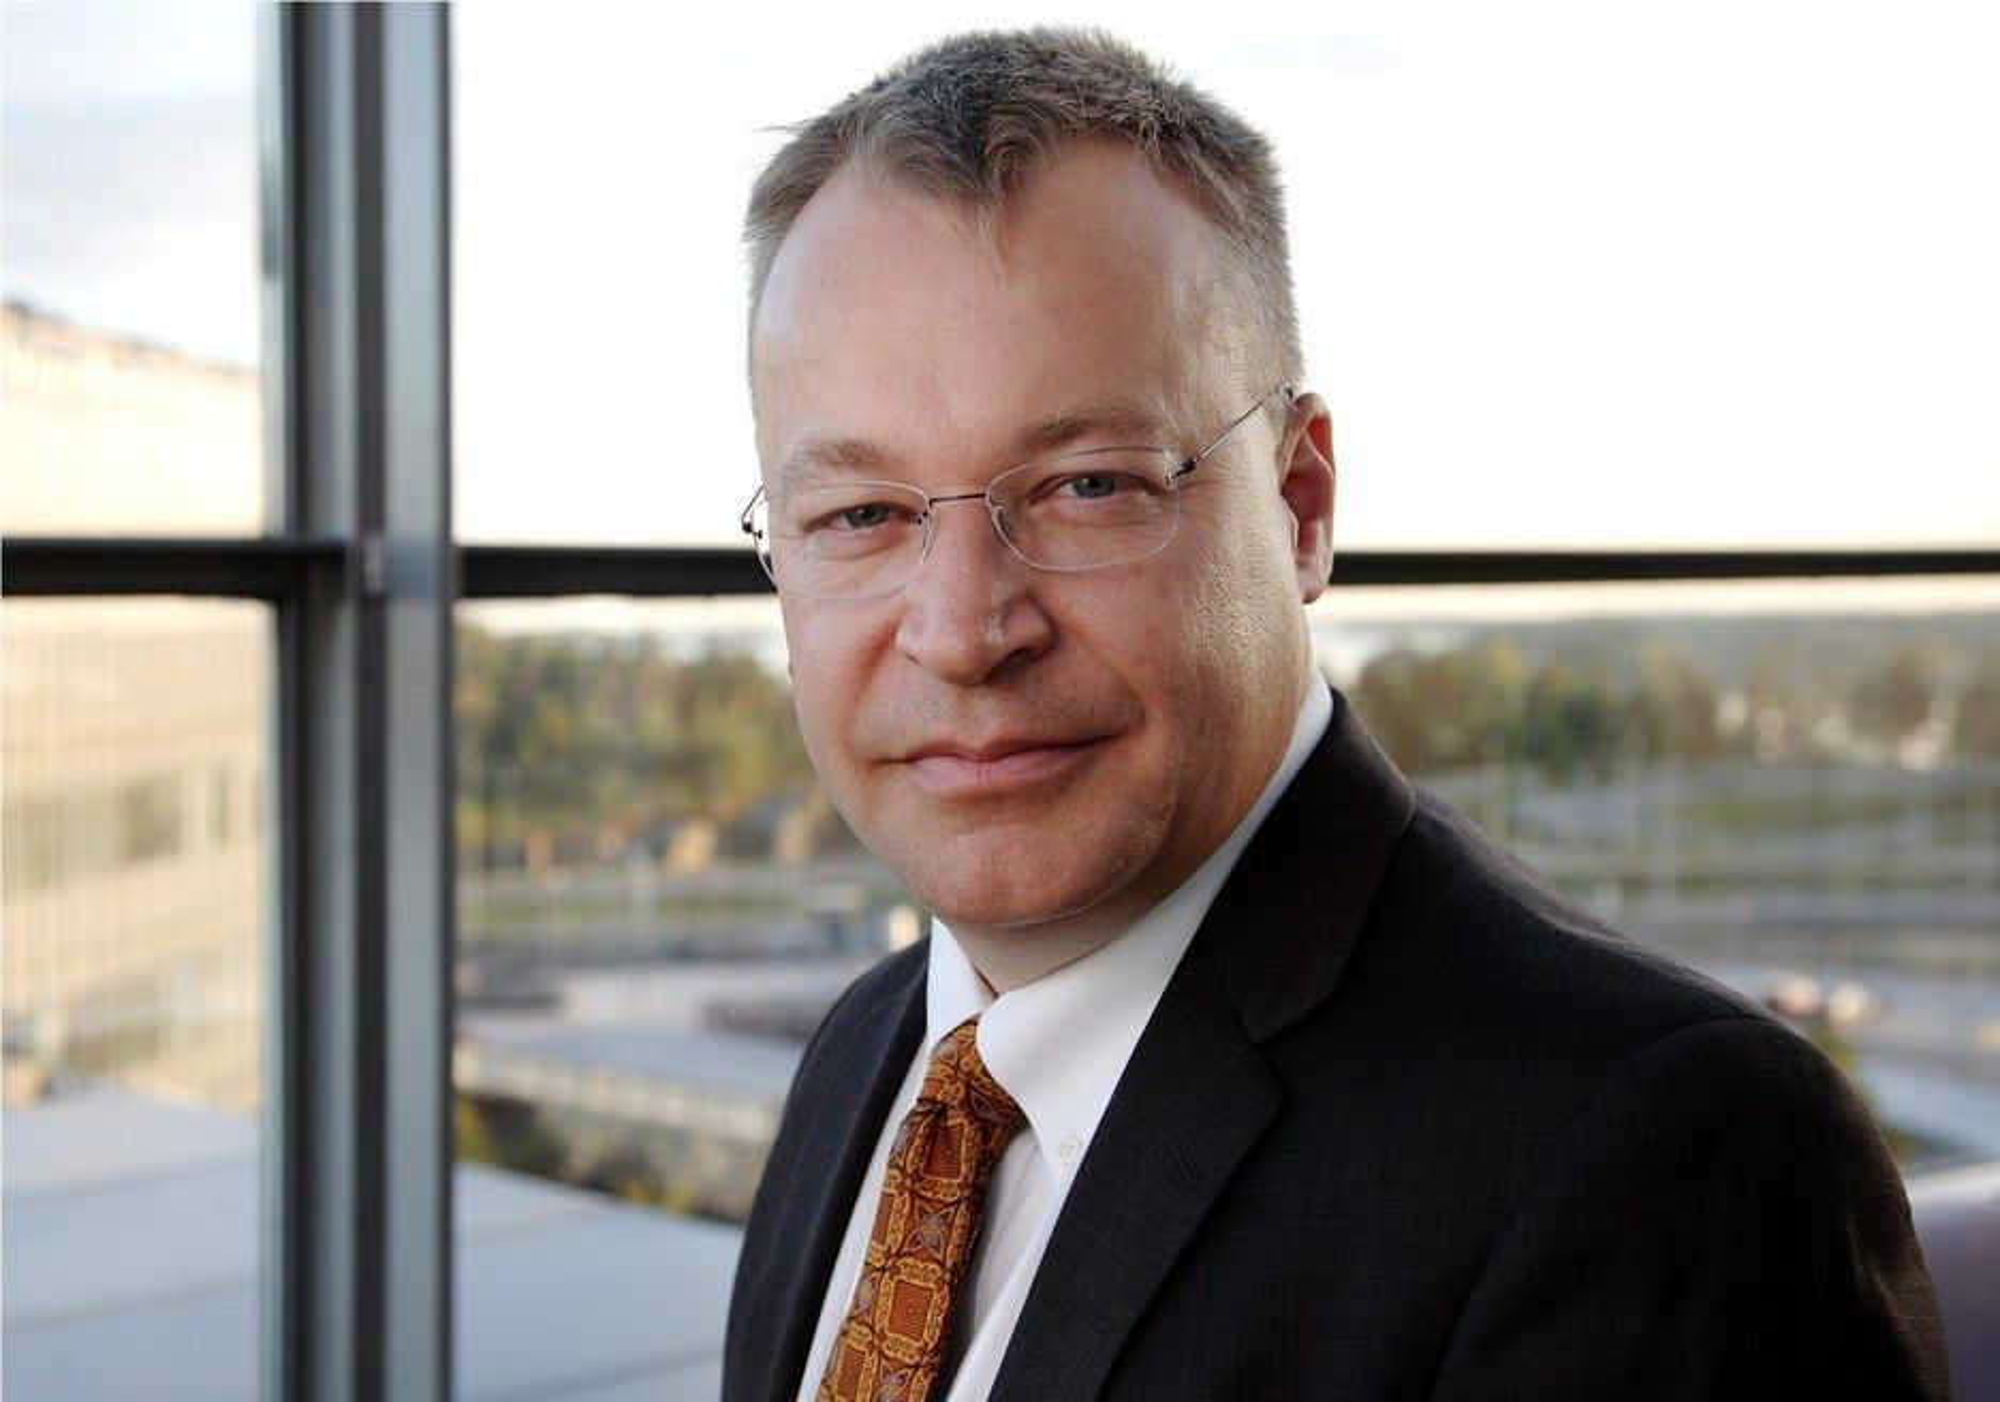 KLAR TALE: Nokias ferske konsernsjef Stephen Elop sparer ikke på kruttet når han gjør opp status for Nokia.